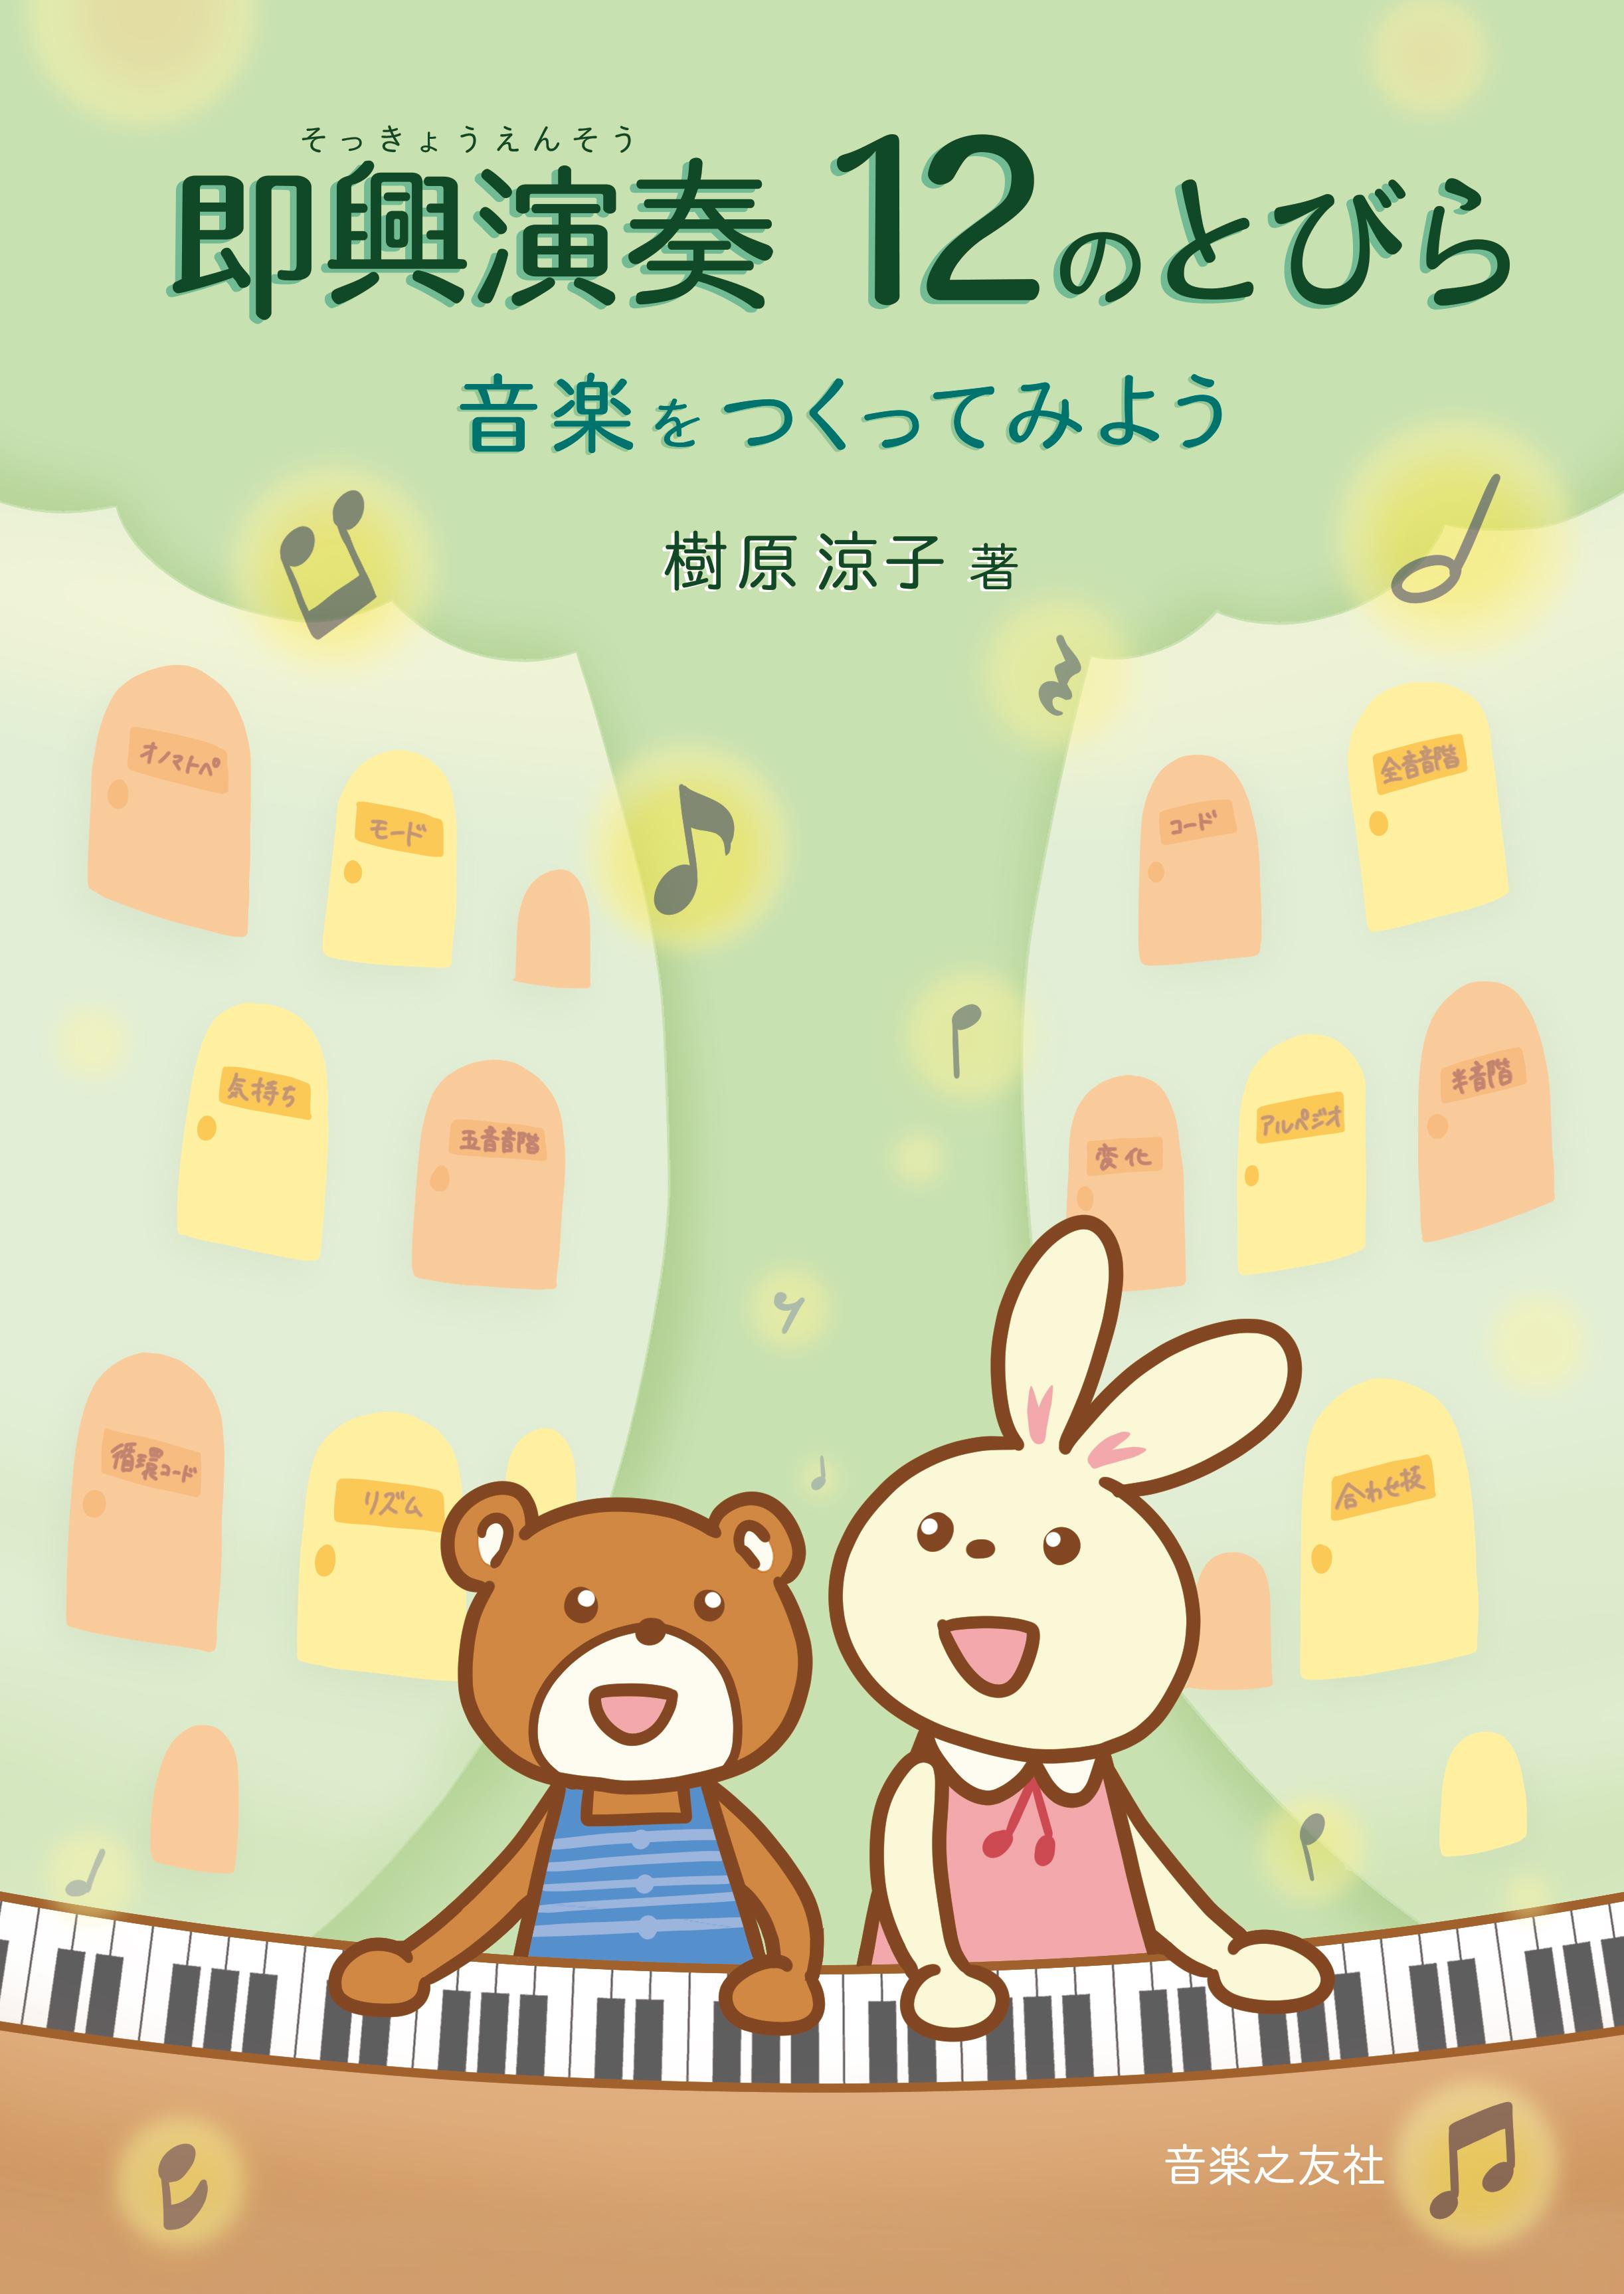 『即興演奏 12のとびら 〜音楽をつくってみよう〜』